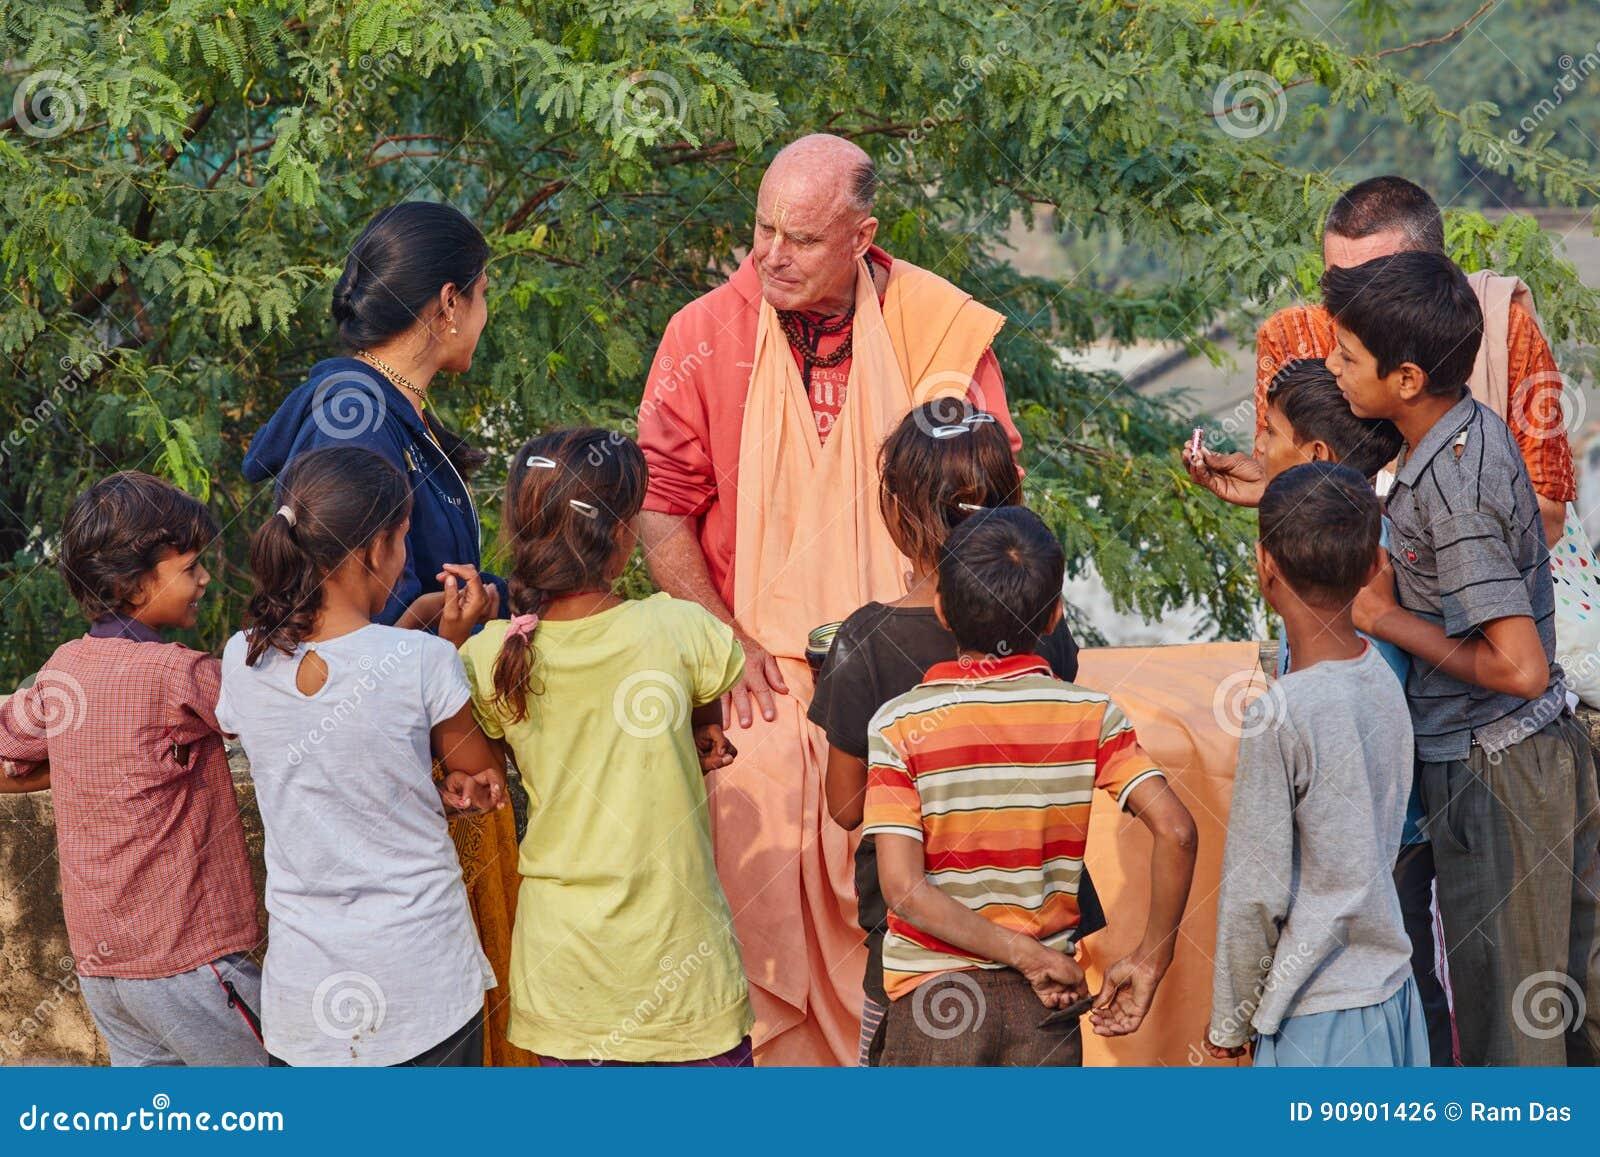 Vrindavan, 22 October 2016: Hare Krishna monk surrounded by Indian children, in Vrindavan, UP